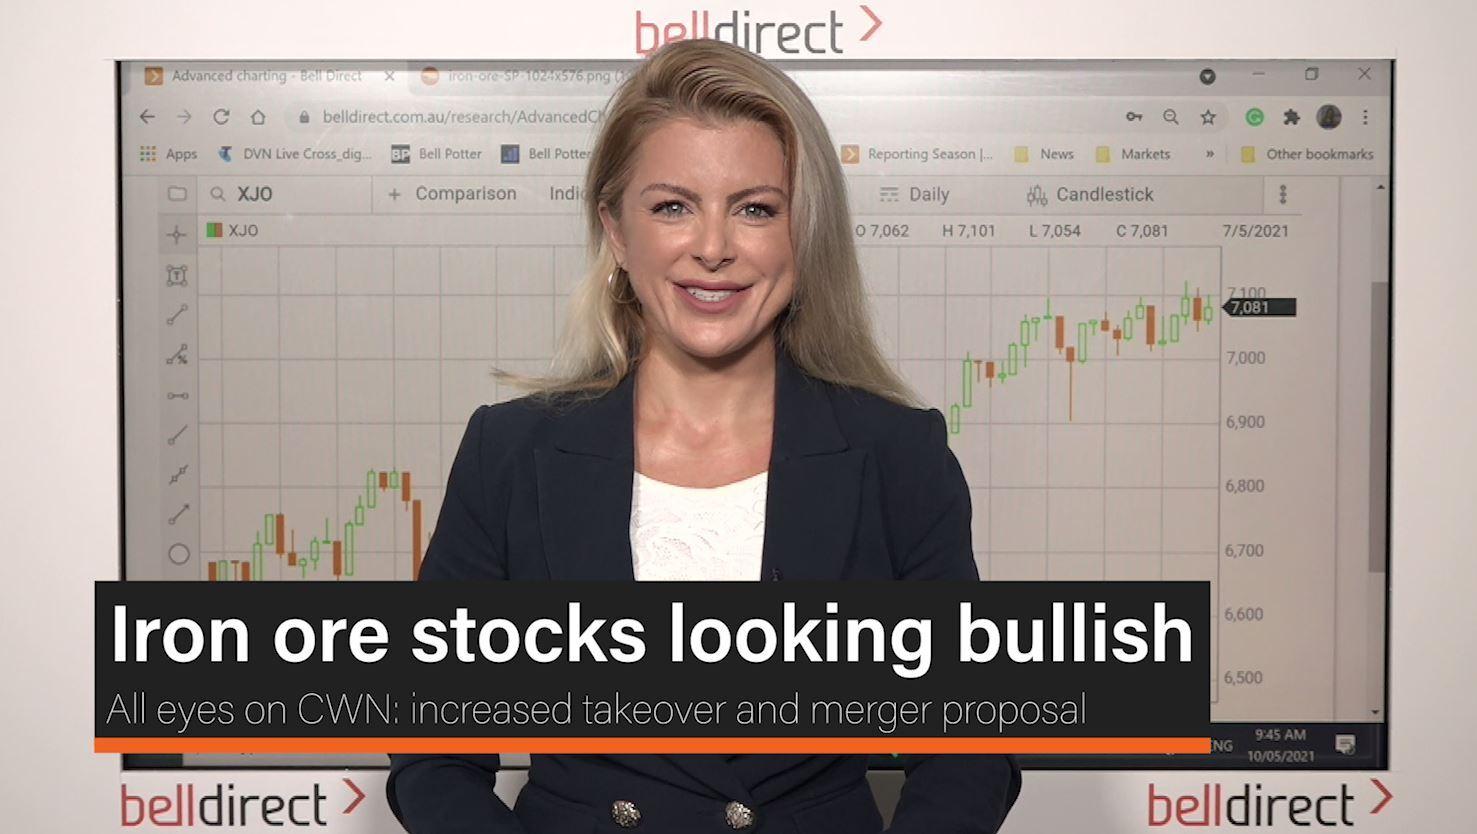 Iron ore stocks looking bullish